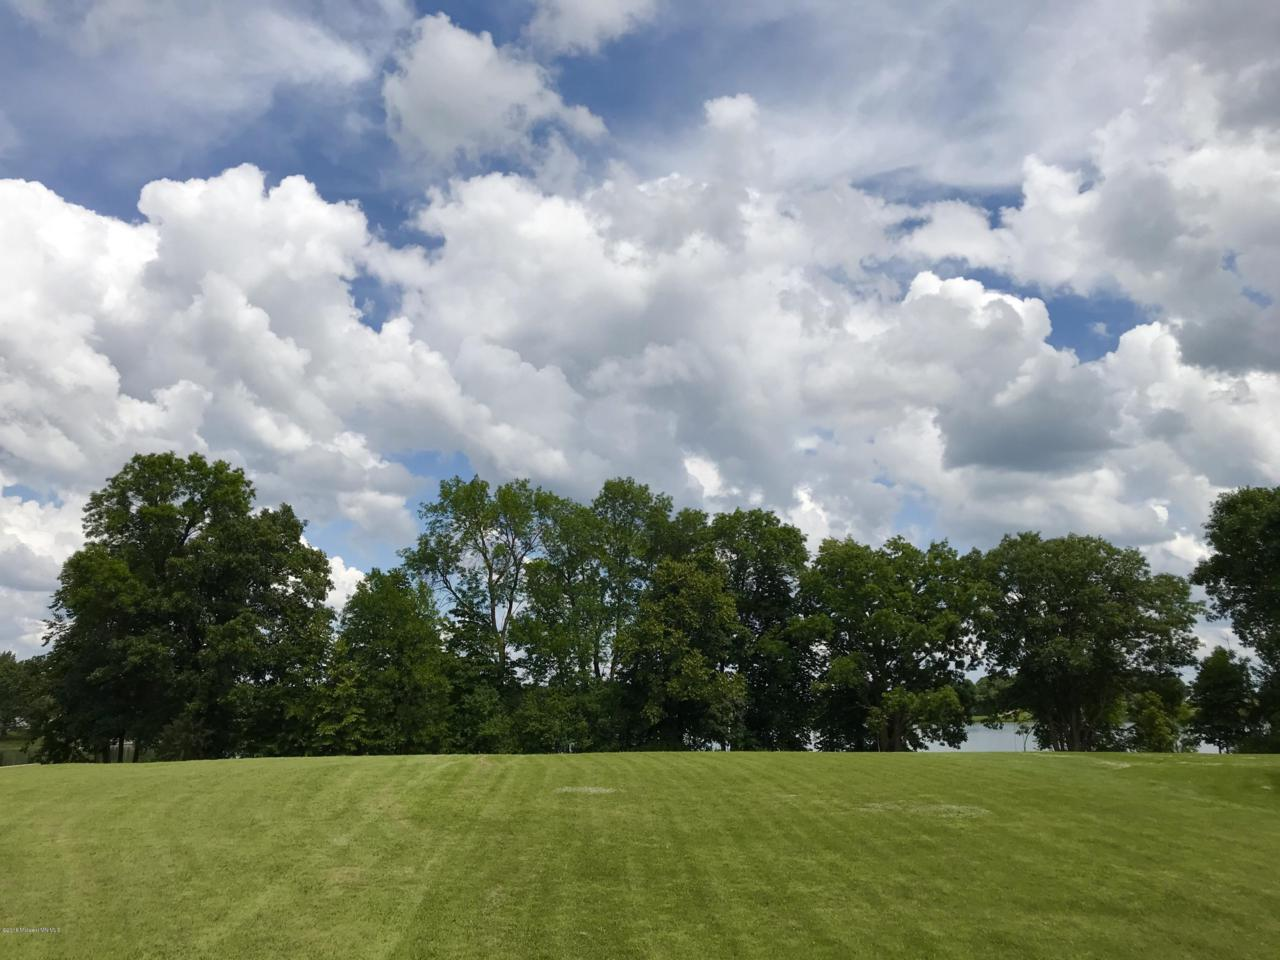 92 Park View Drive - Photo 1